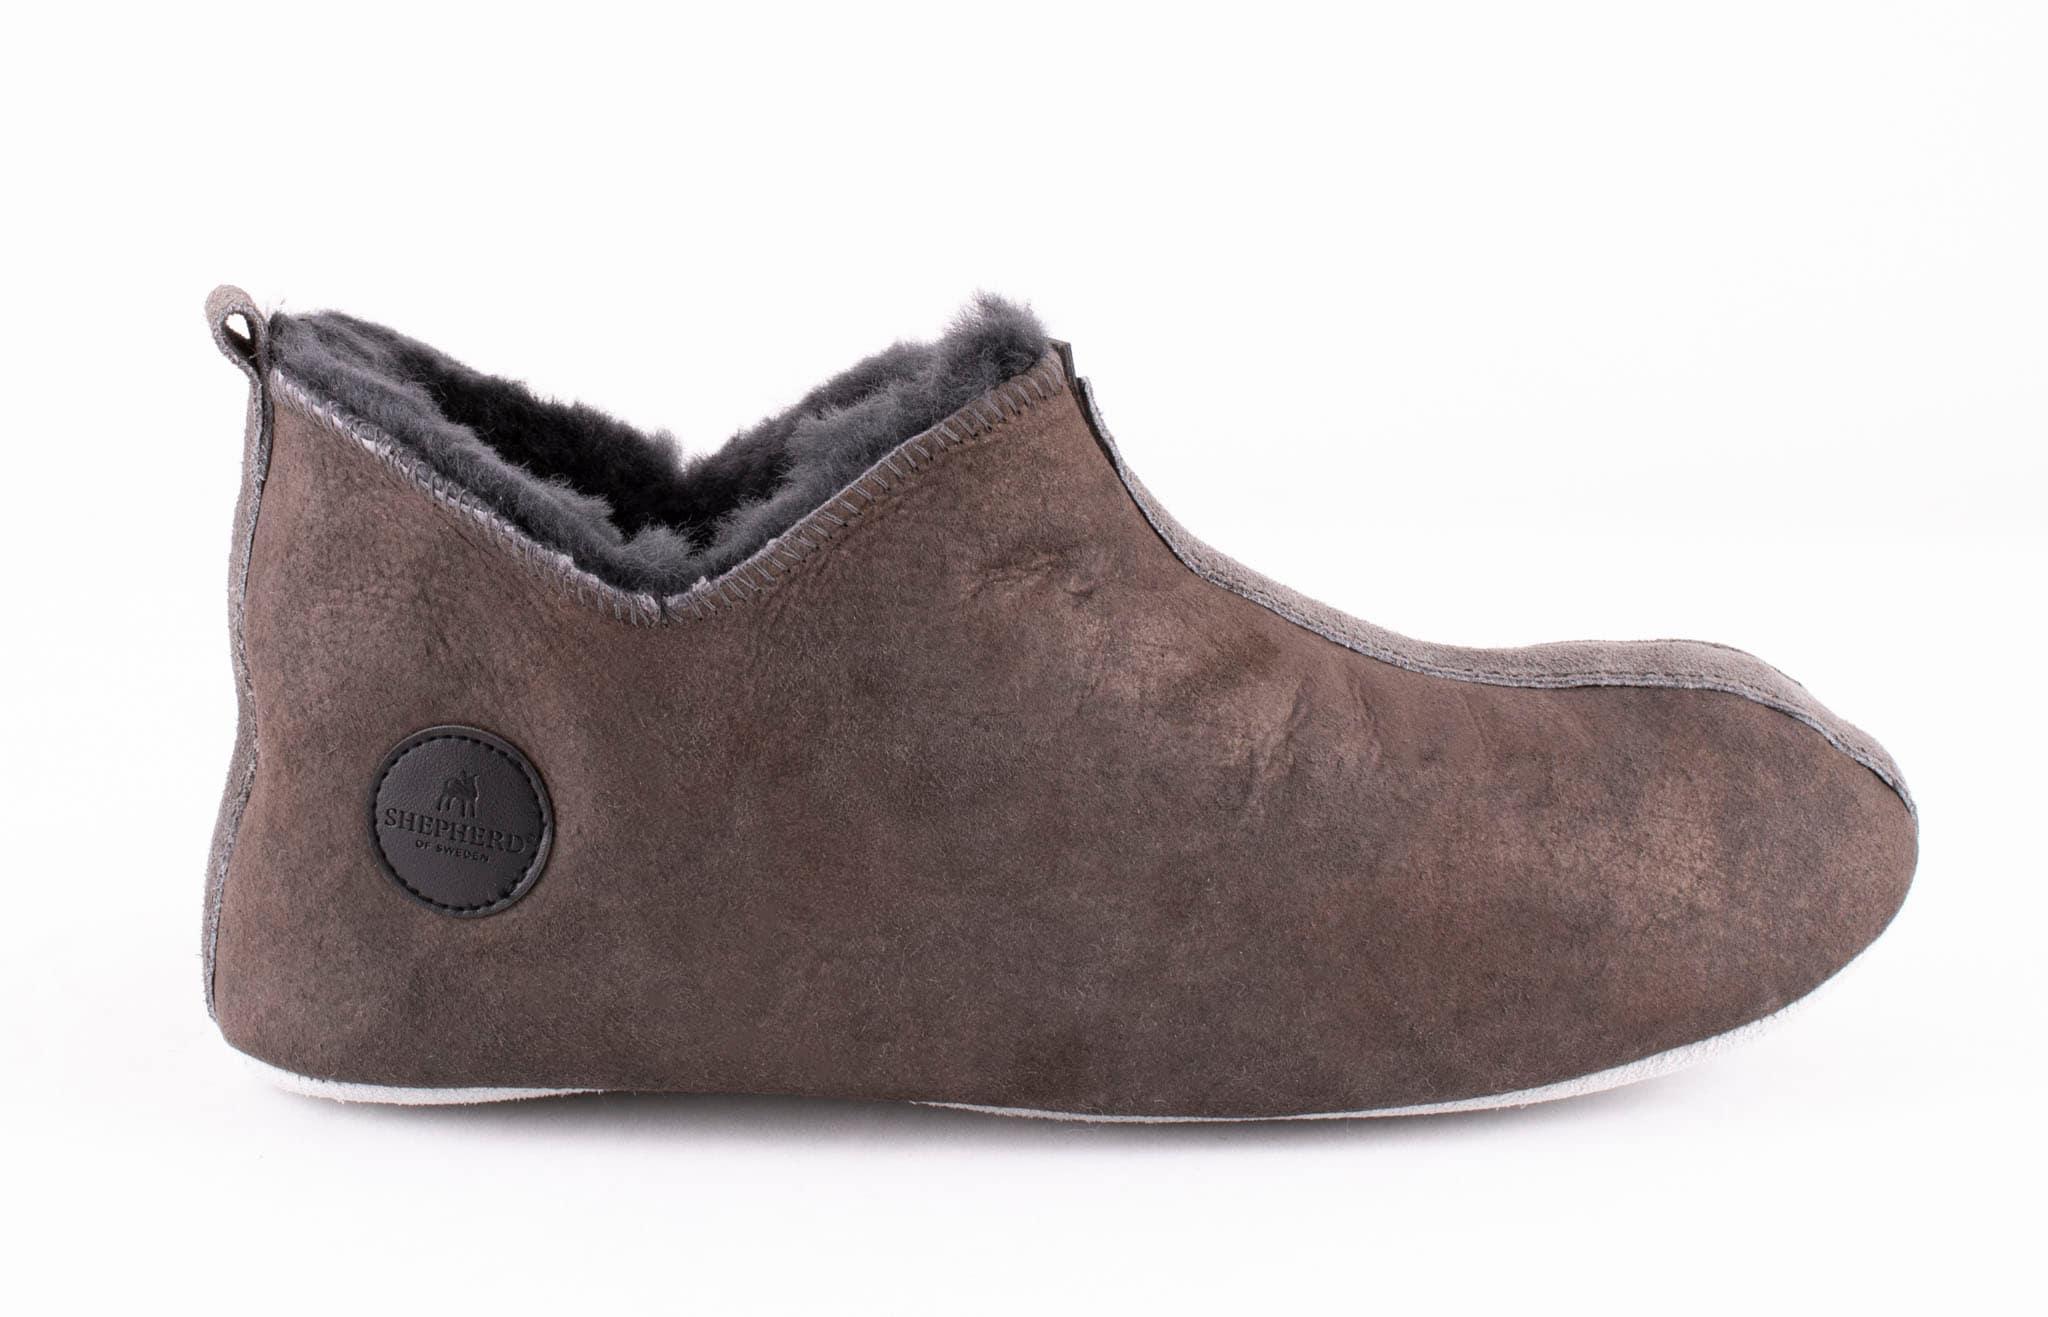 Henrik slippers